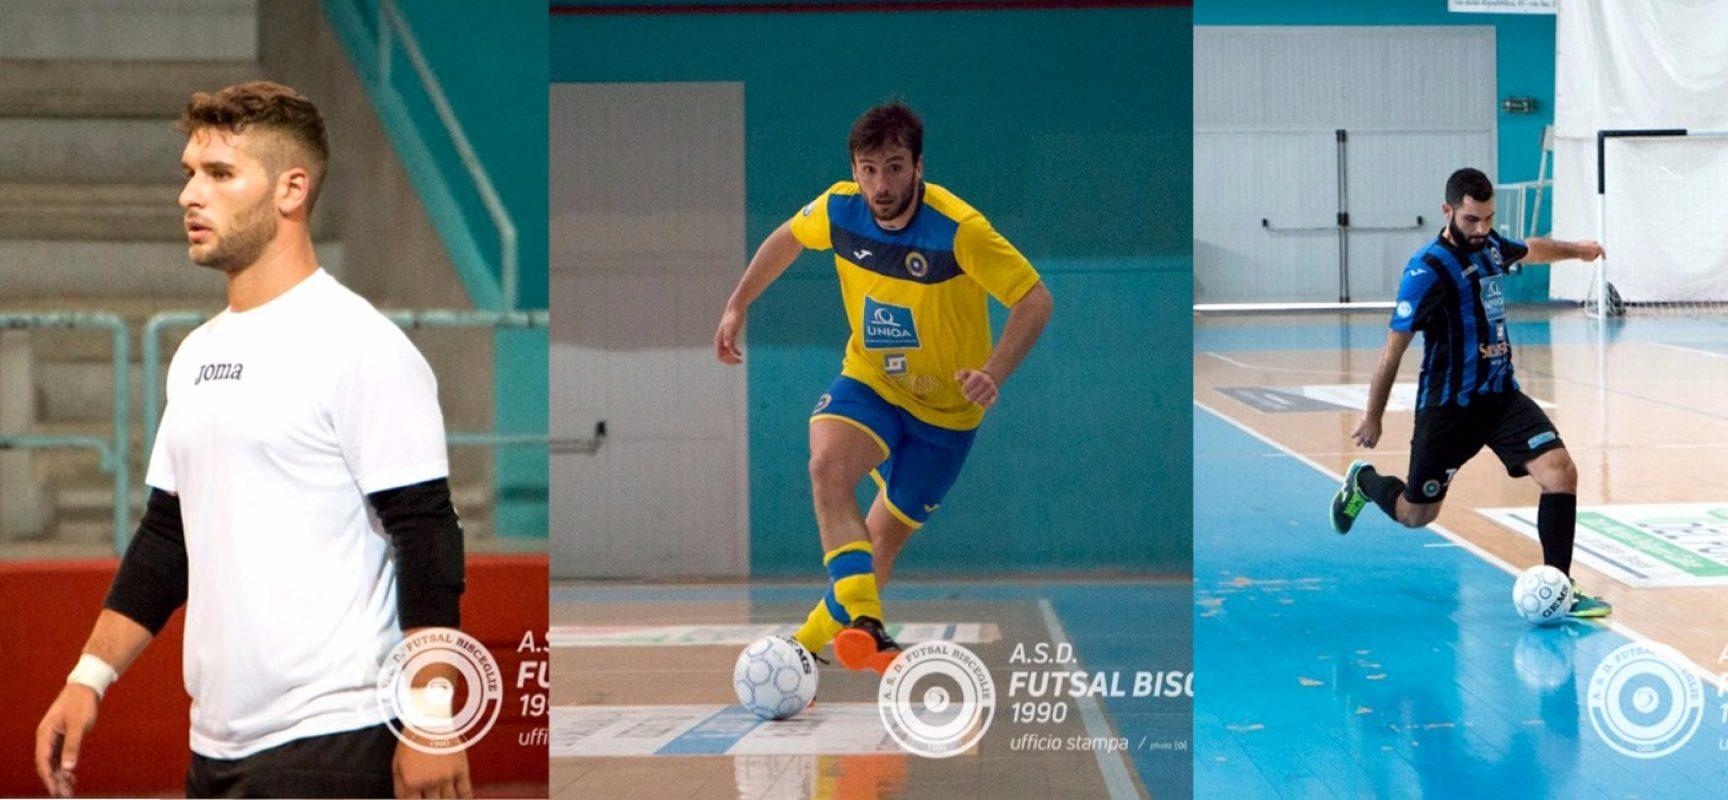 Futsal Bisceglie, conferma per tre in attesa del nuovo tecnico